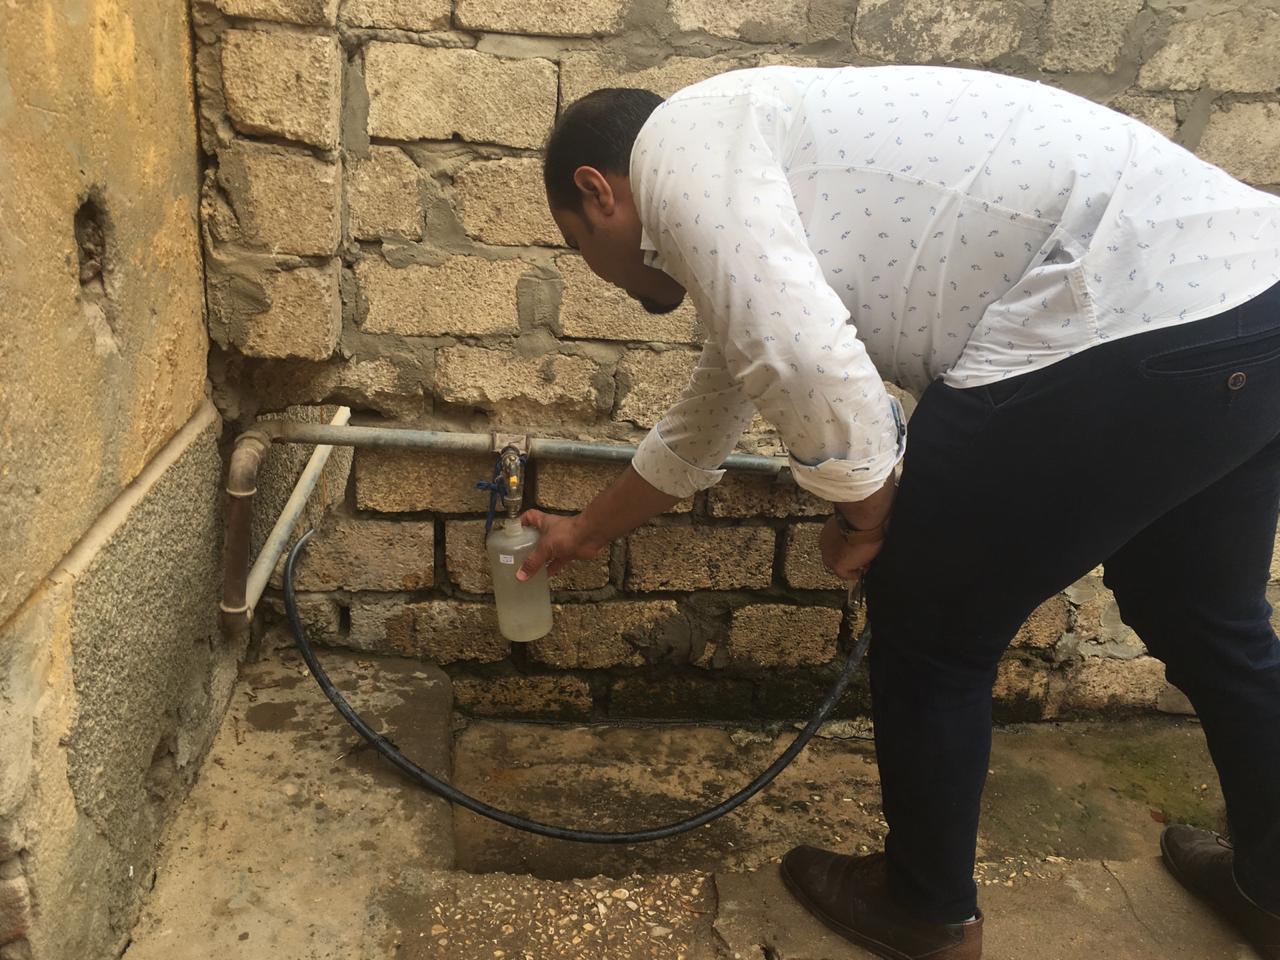 رئيس شركة مياة الشرب بالأقصر يعلن بدء غسيل وتطهير شبكات وخطوط المياة بالحبيل (1)